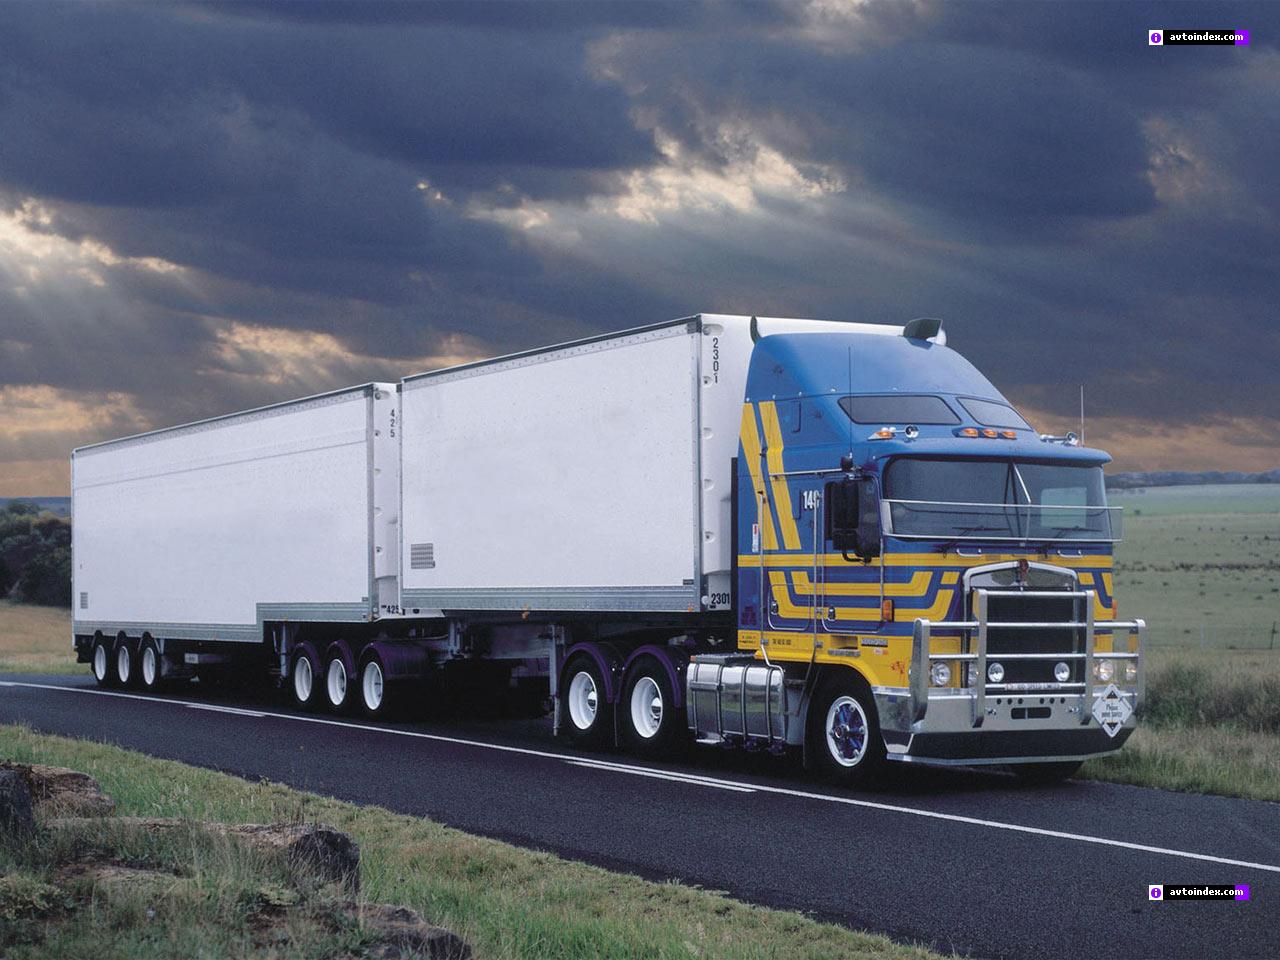 термобелье оптом, где страхуют грузовики в челябинске все